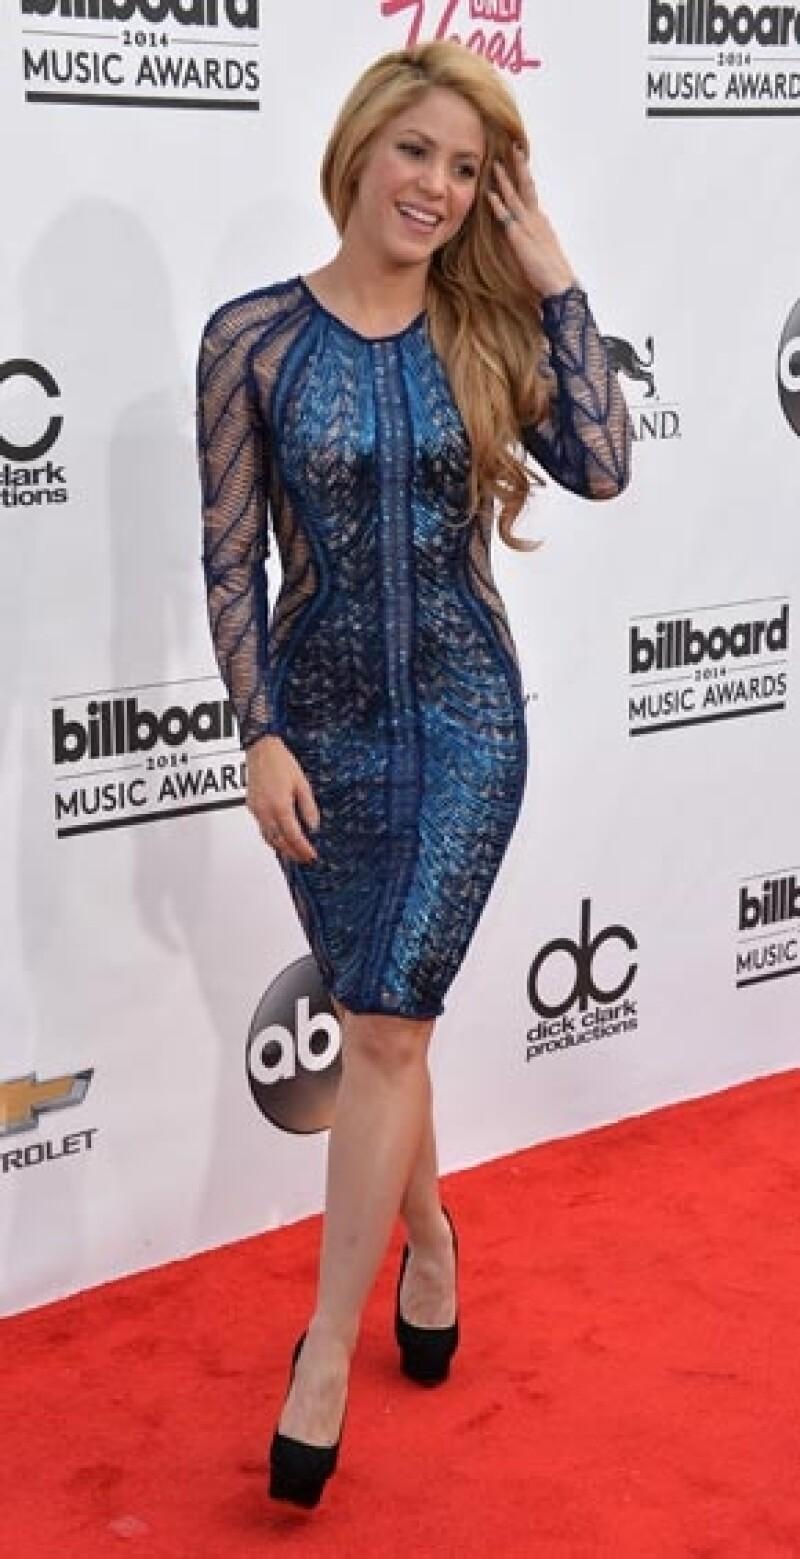 La cantante colombiana aseguró que el color de su pelo no es ningún impedimento para representar sus raíces a nivel mundial.